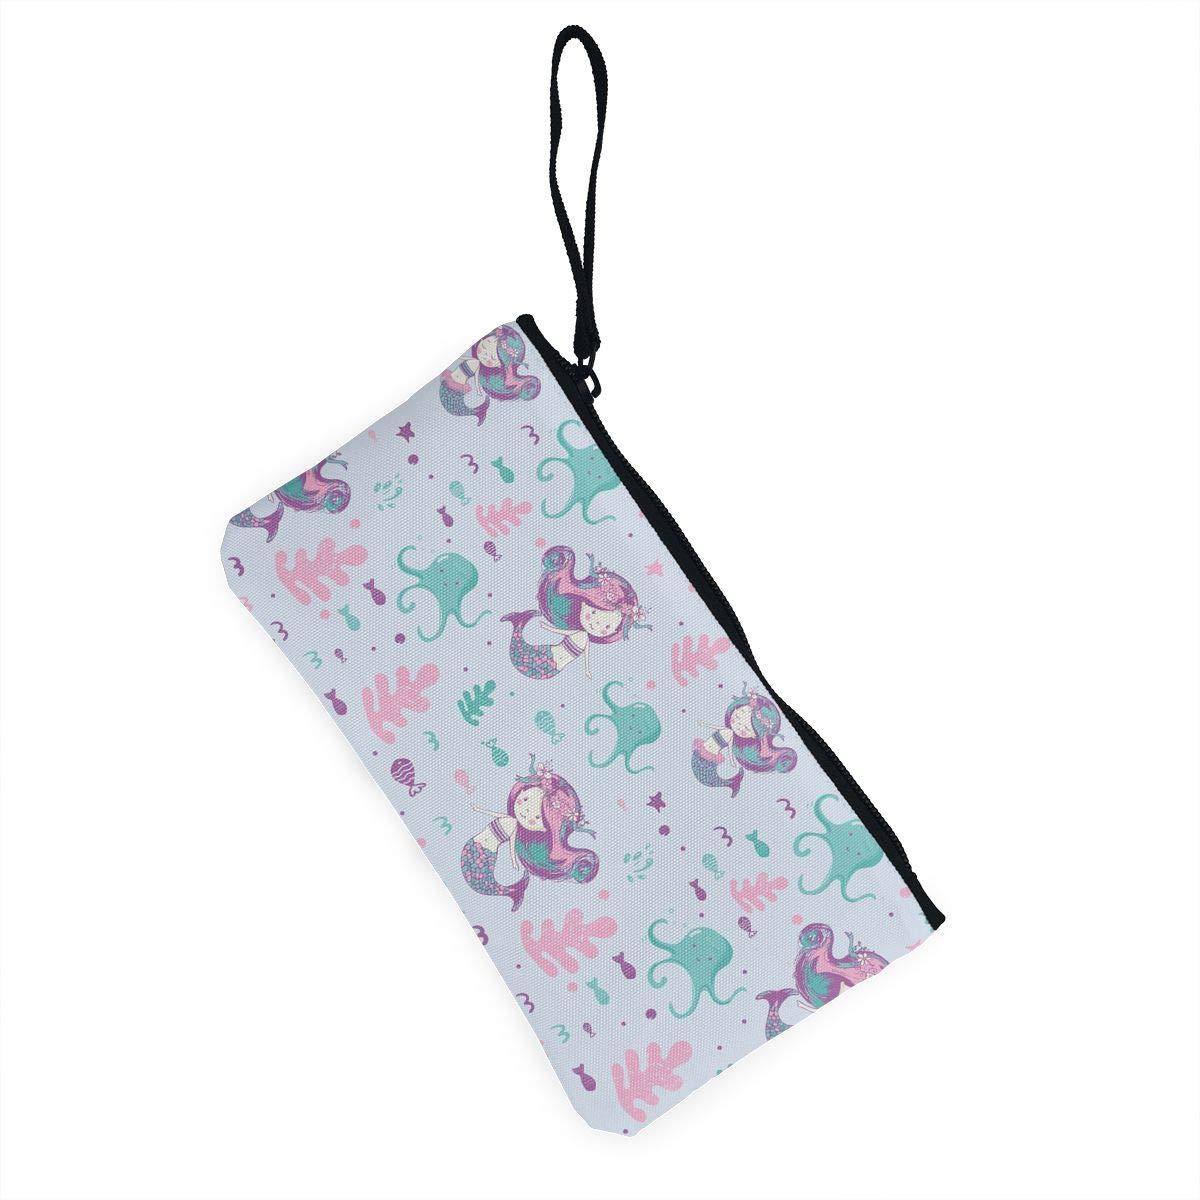 Amazon.com: Bonito bolso de lona para cambio de monedas, con ...